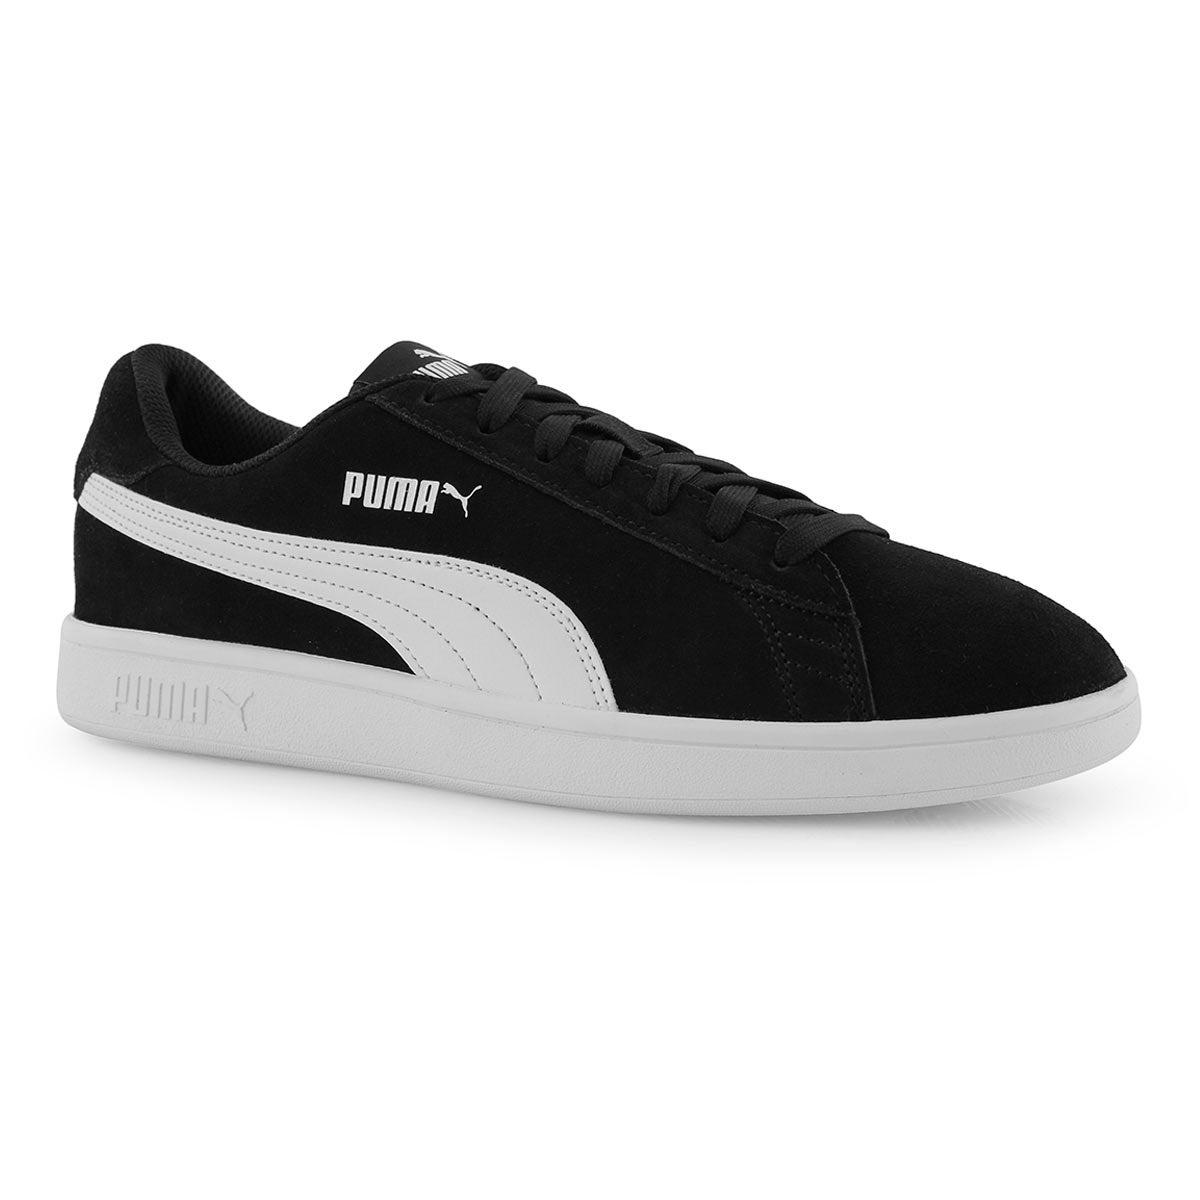 Men's Puma Smash v2 Sneaker- Black/White